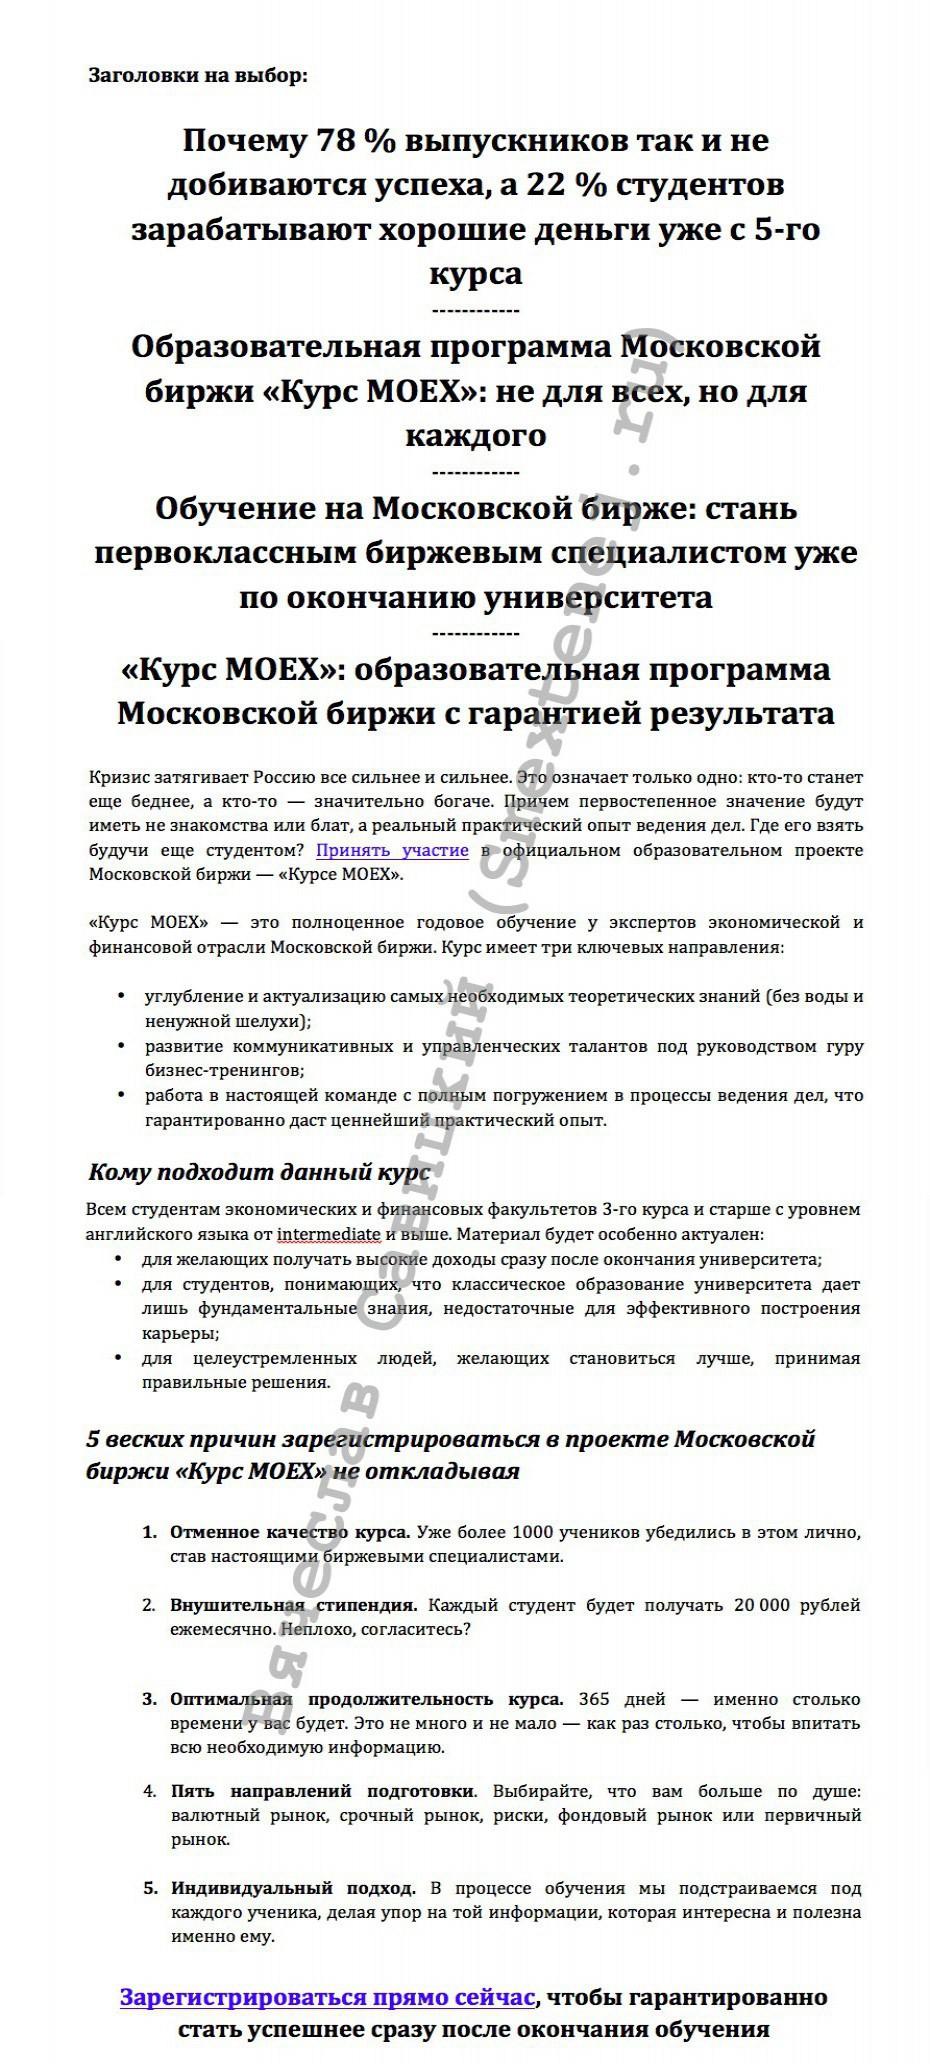 Заказать продающий текст для сайта: московская биржа